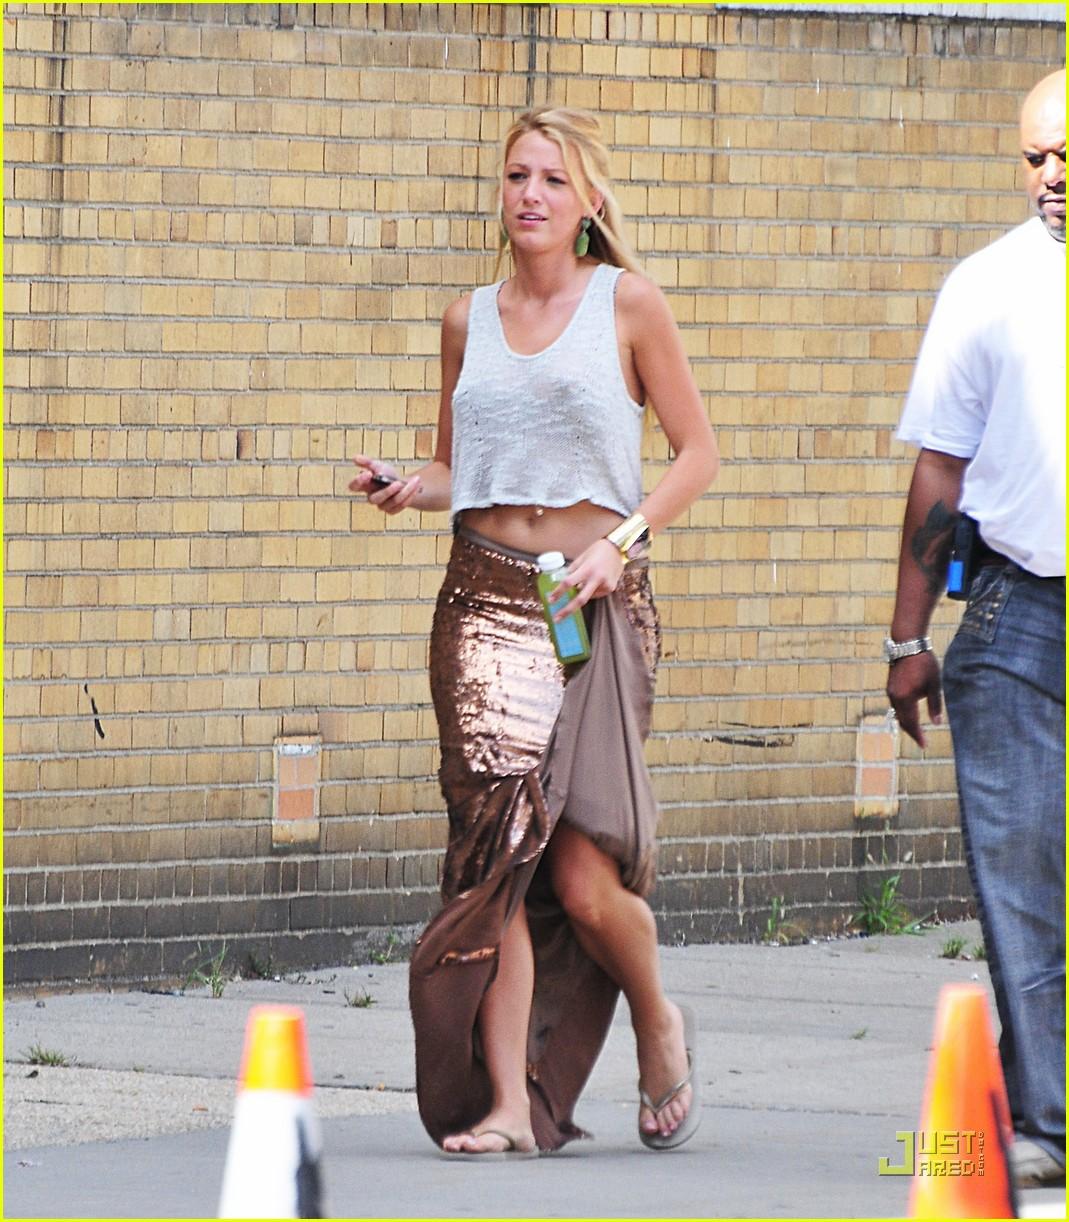 http://1.bp.blogspot.com/-TylytQ4OSIk/TkjEc8mujII/AAAAAAAAFQ8/hqqy4mbU3bg/s1600/blake-lively-leighton-meester-gossip-girl-in-queens-01.jpg